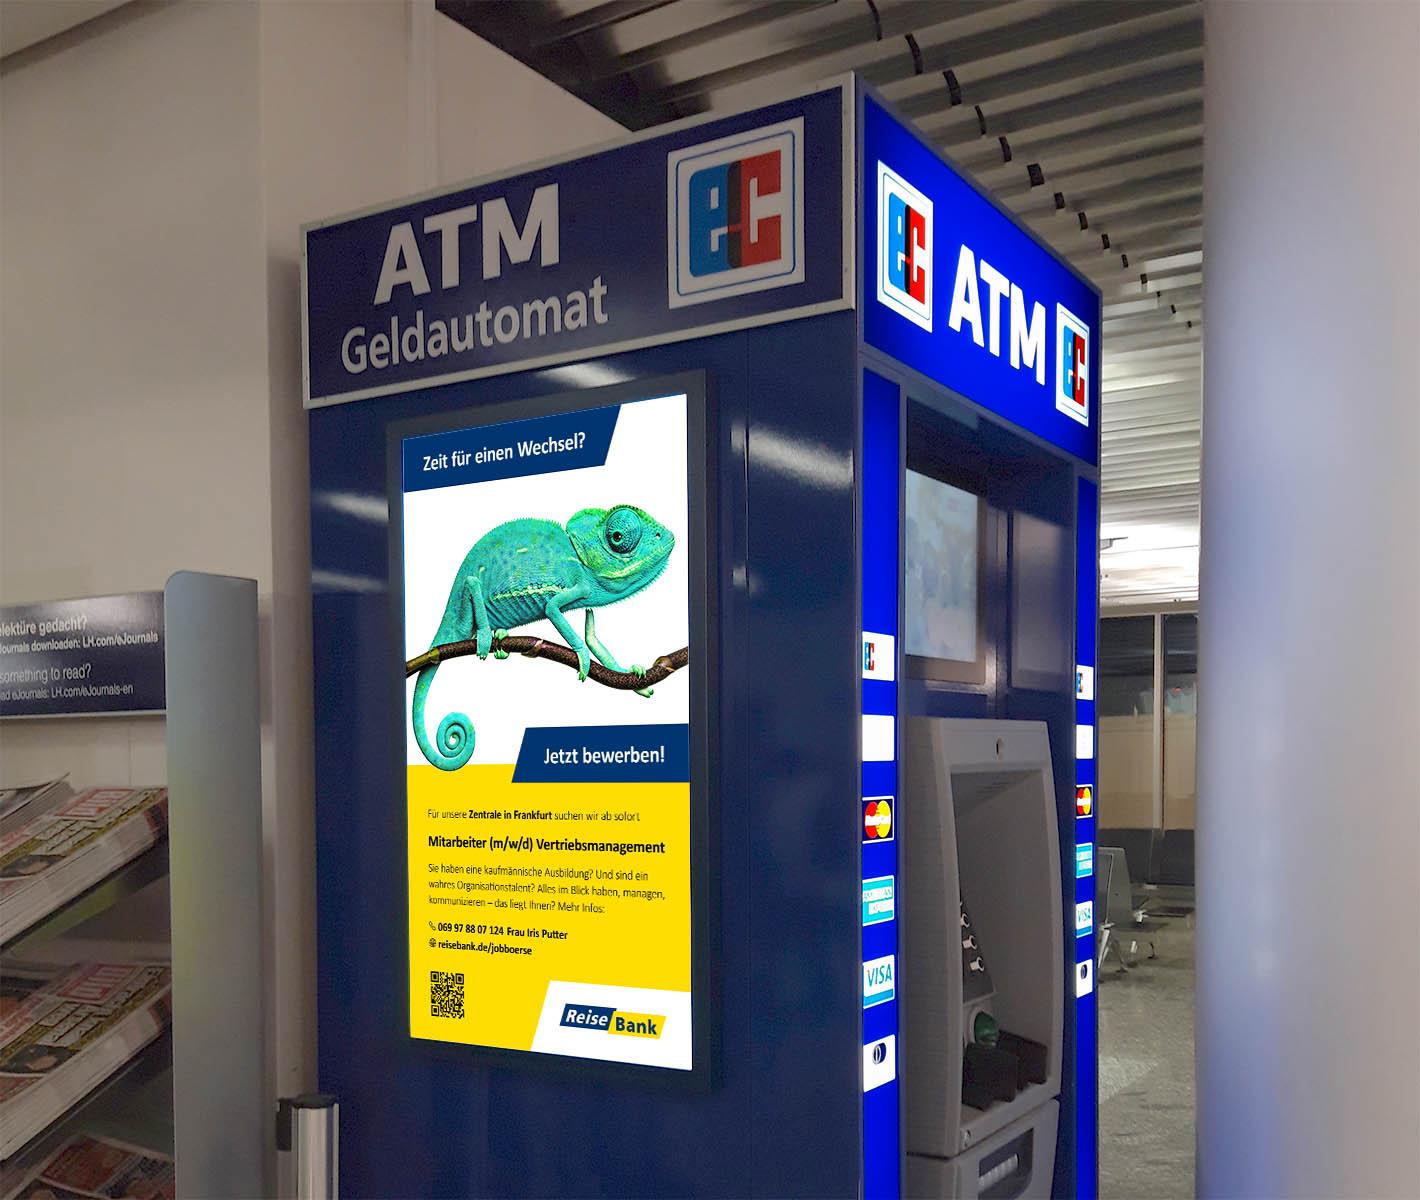 reisebank flughafen frankfurt